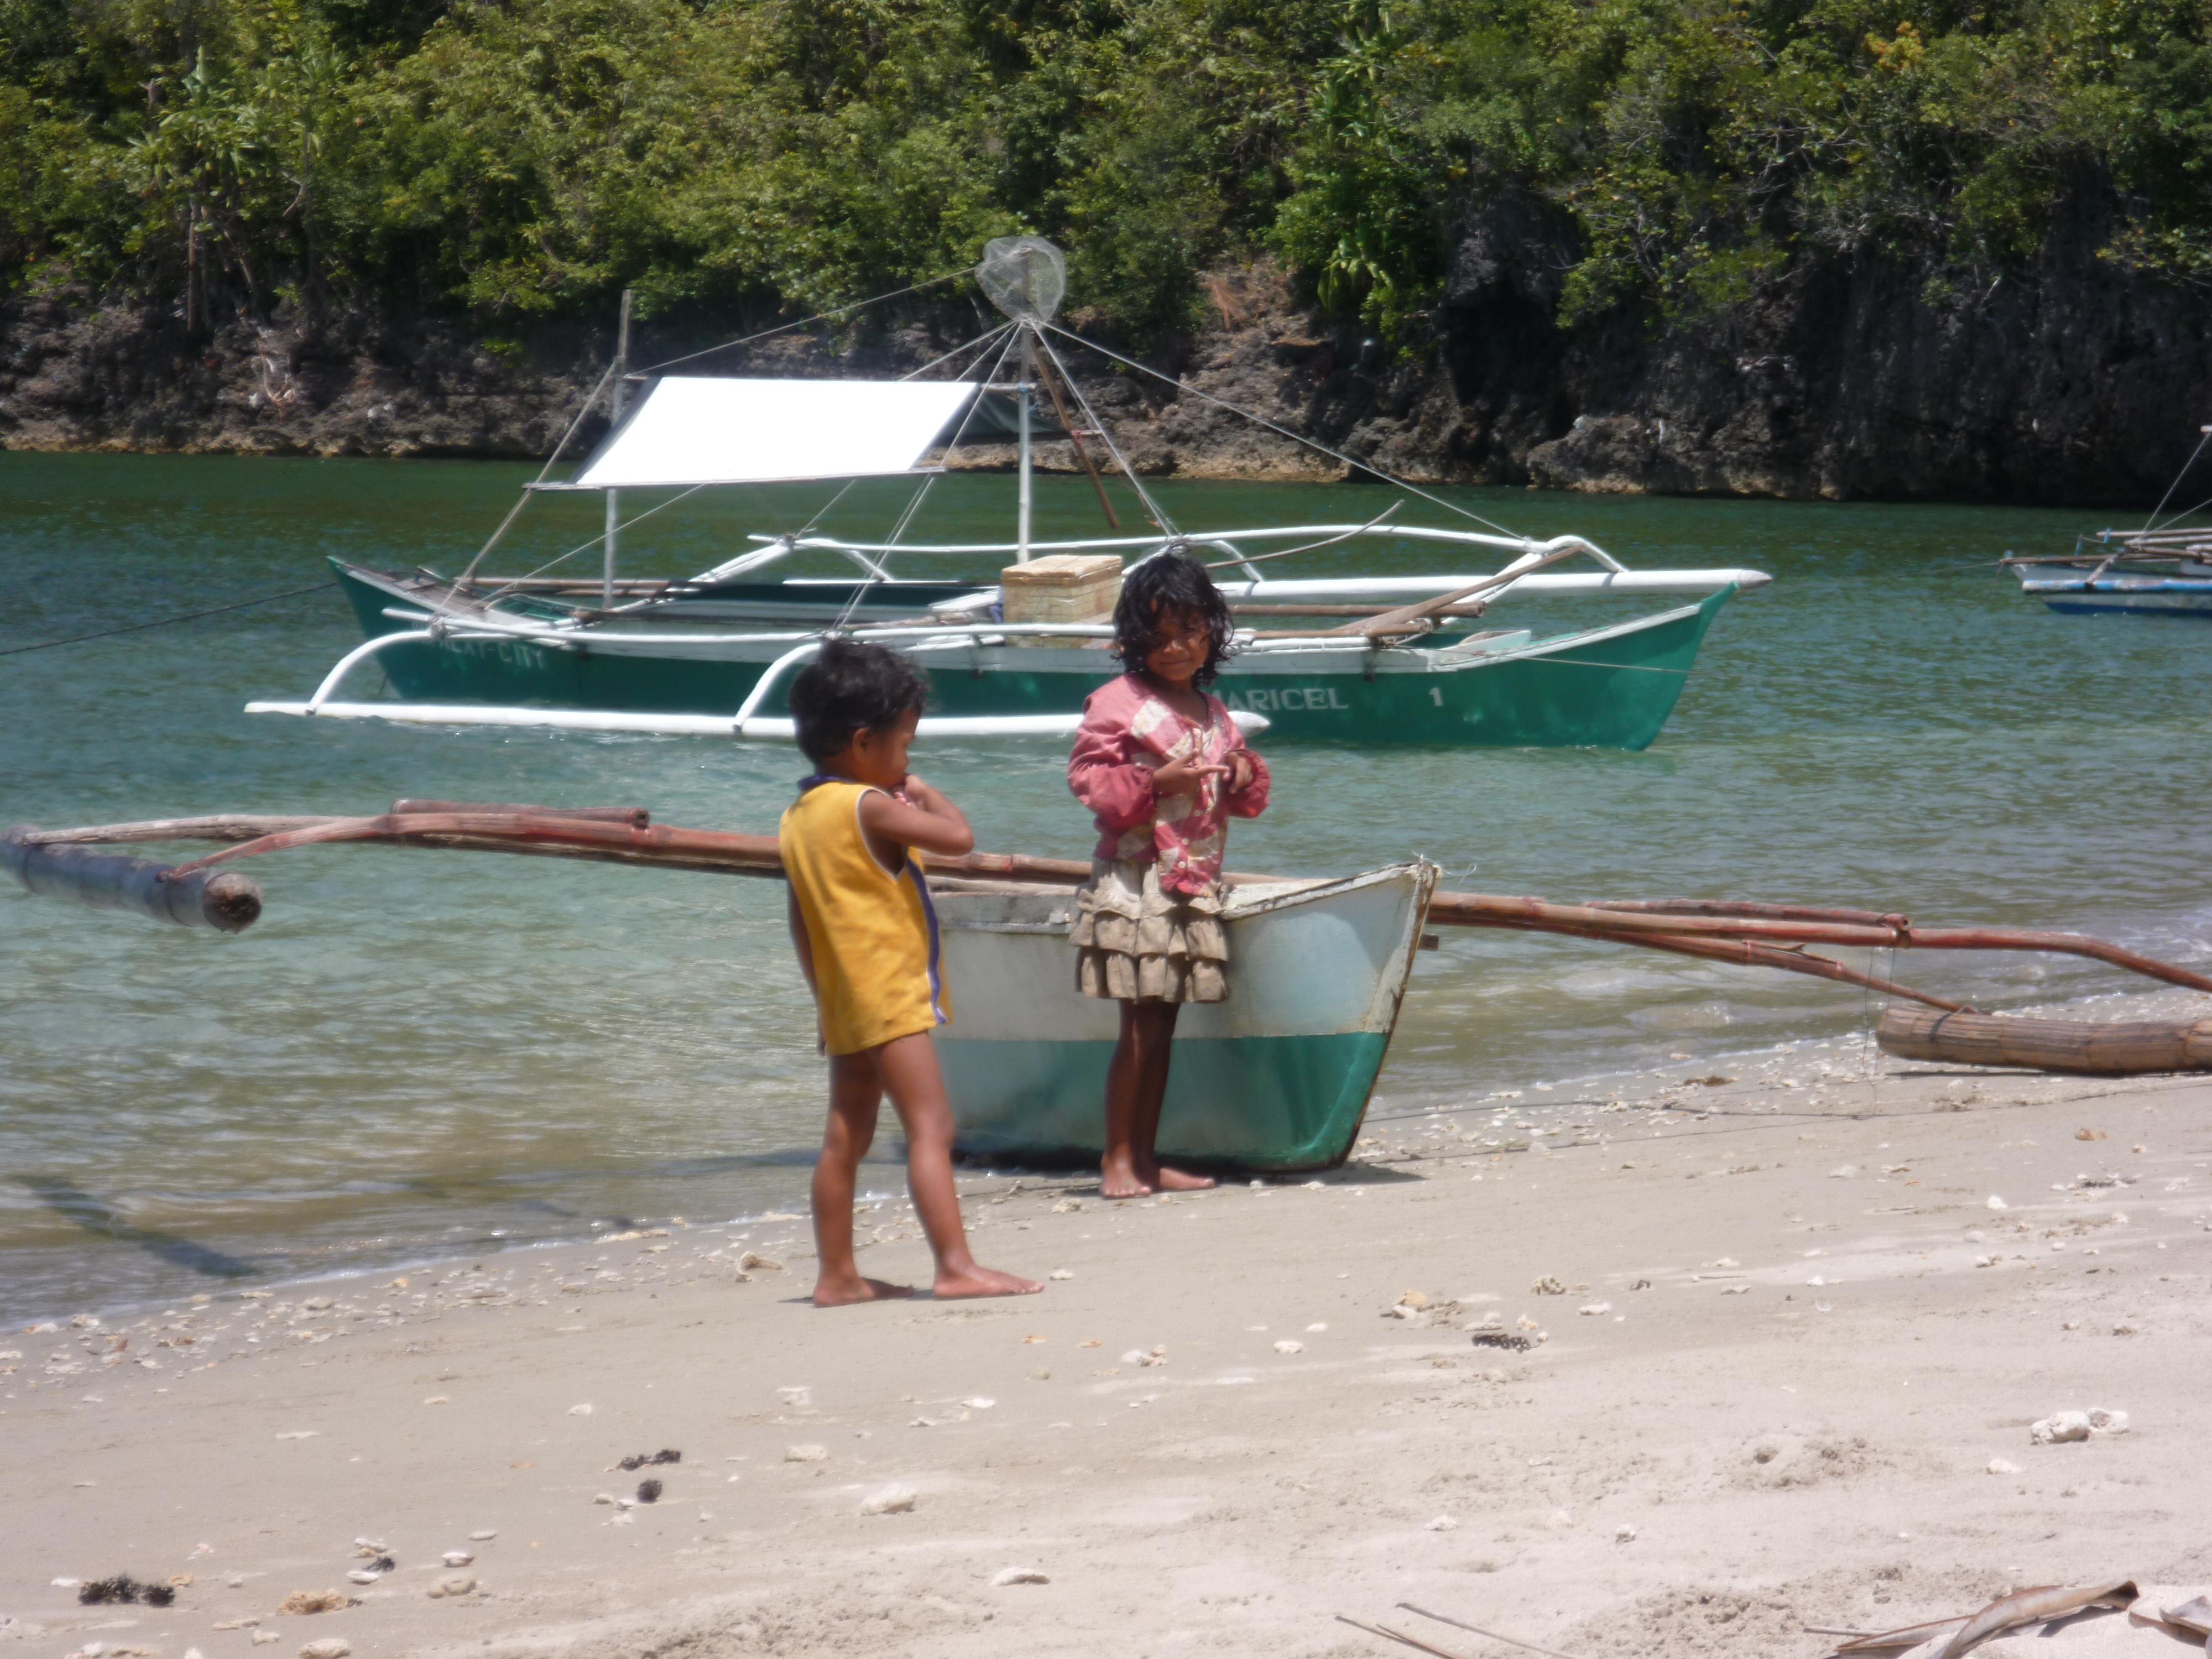 rencontre avec de futurs marin-pêcheurs, ces 2 enfants navigaient seuls